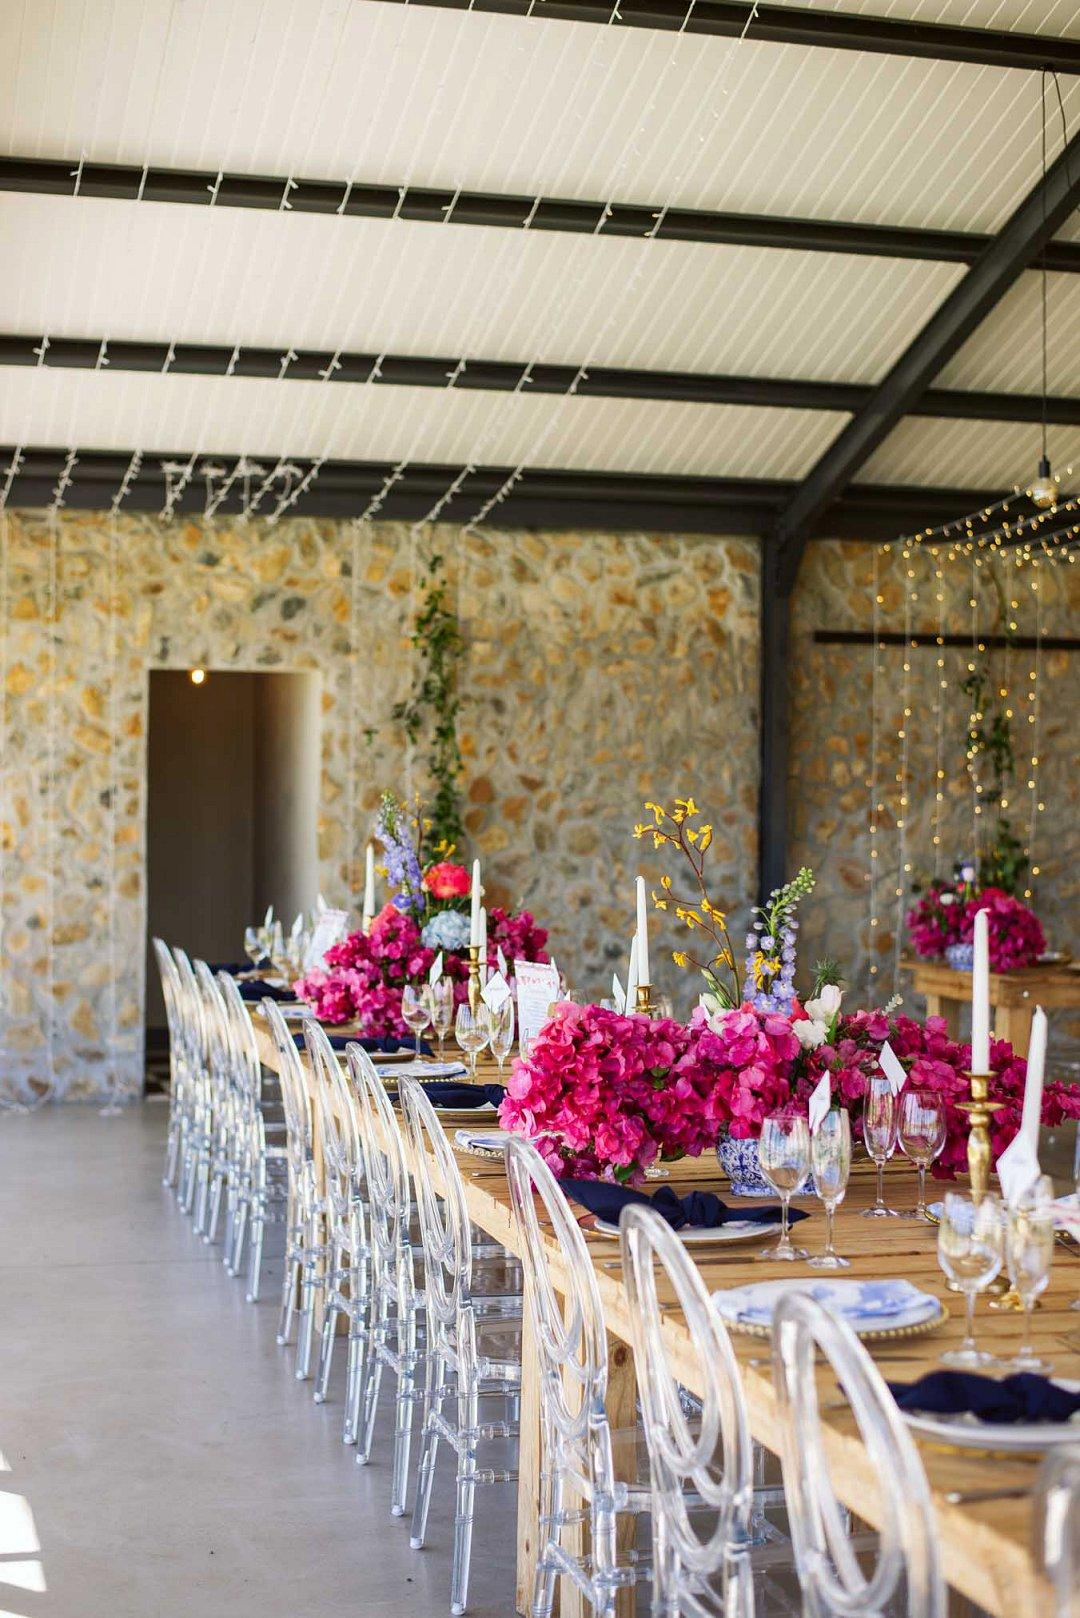 Murasie wedding venue in Gansbaai